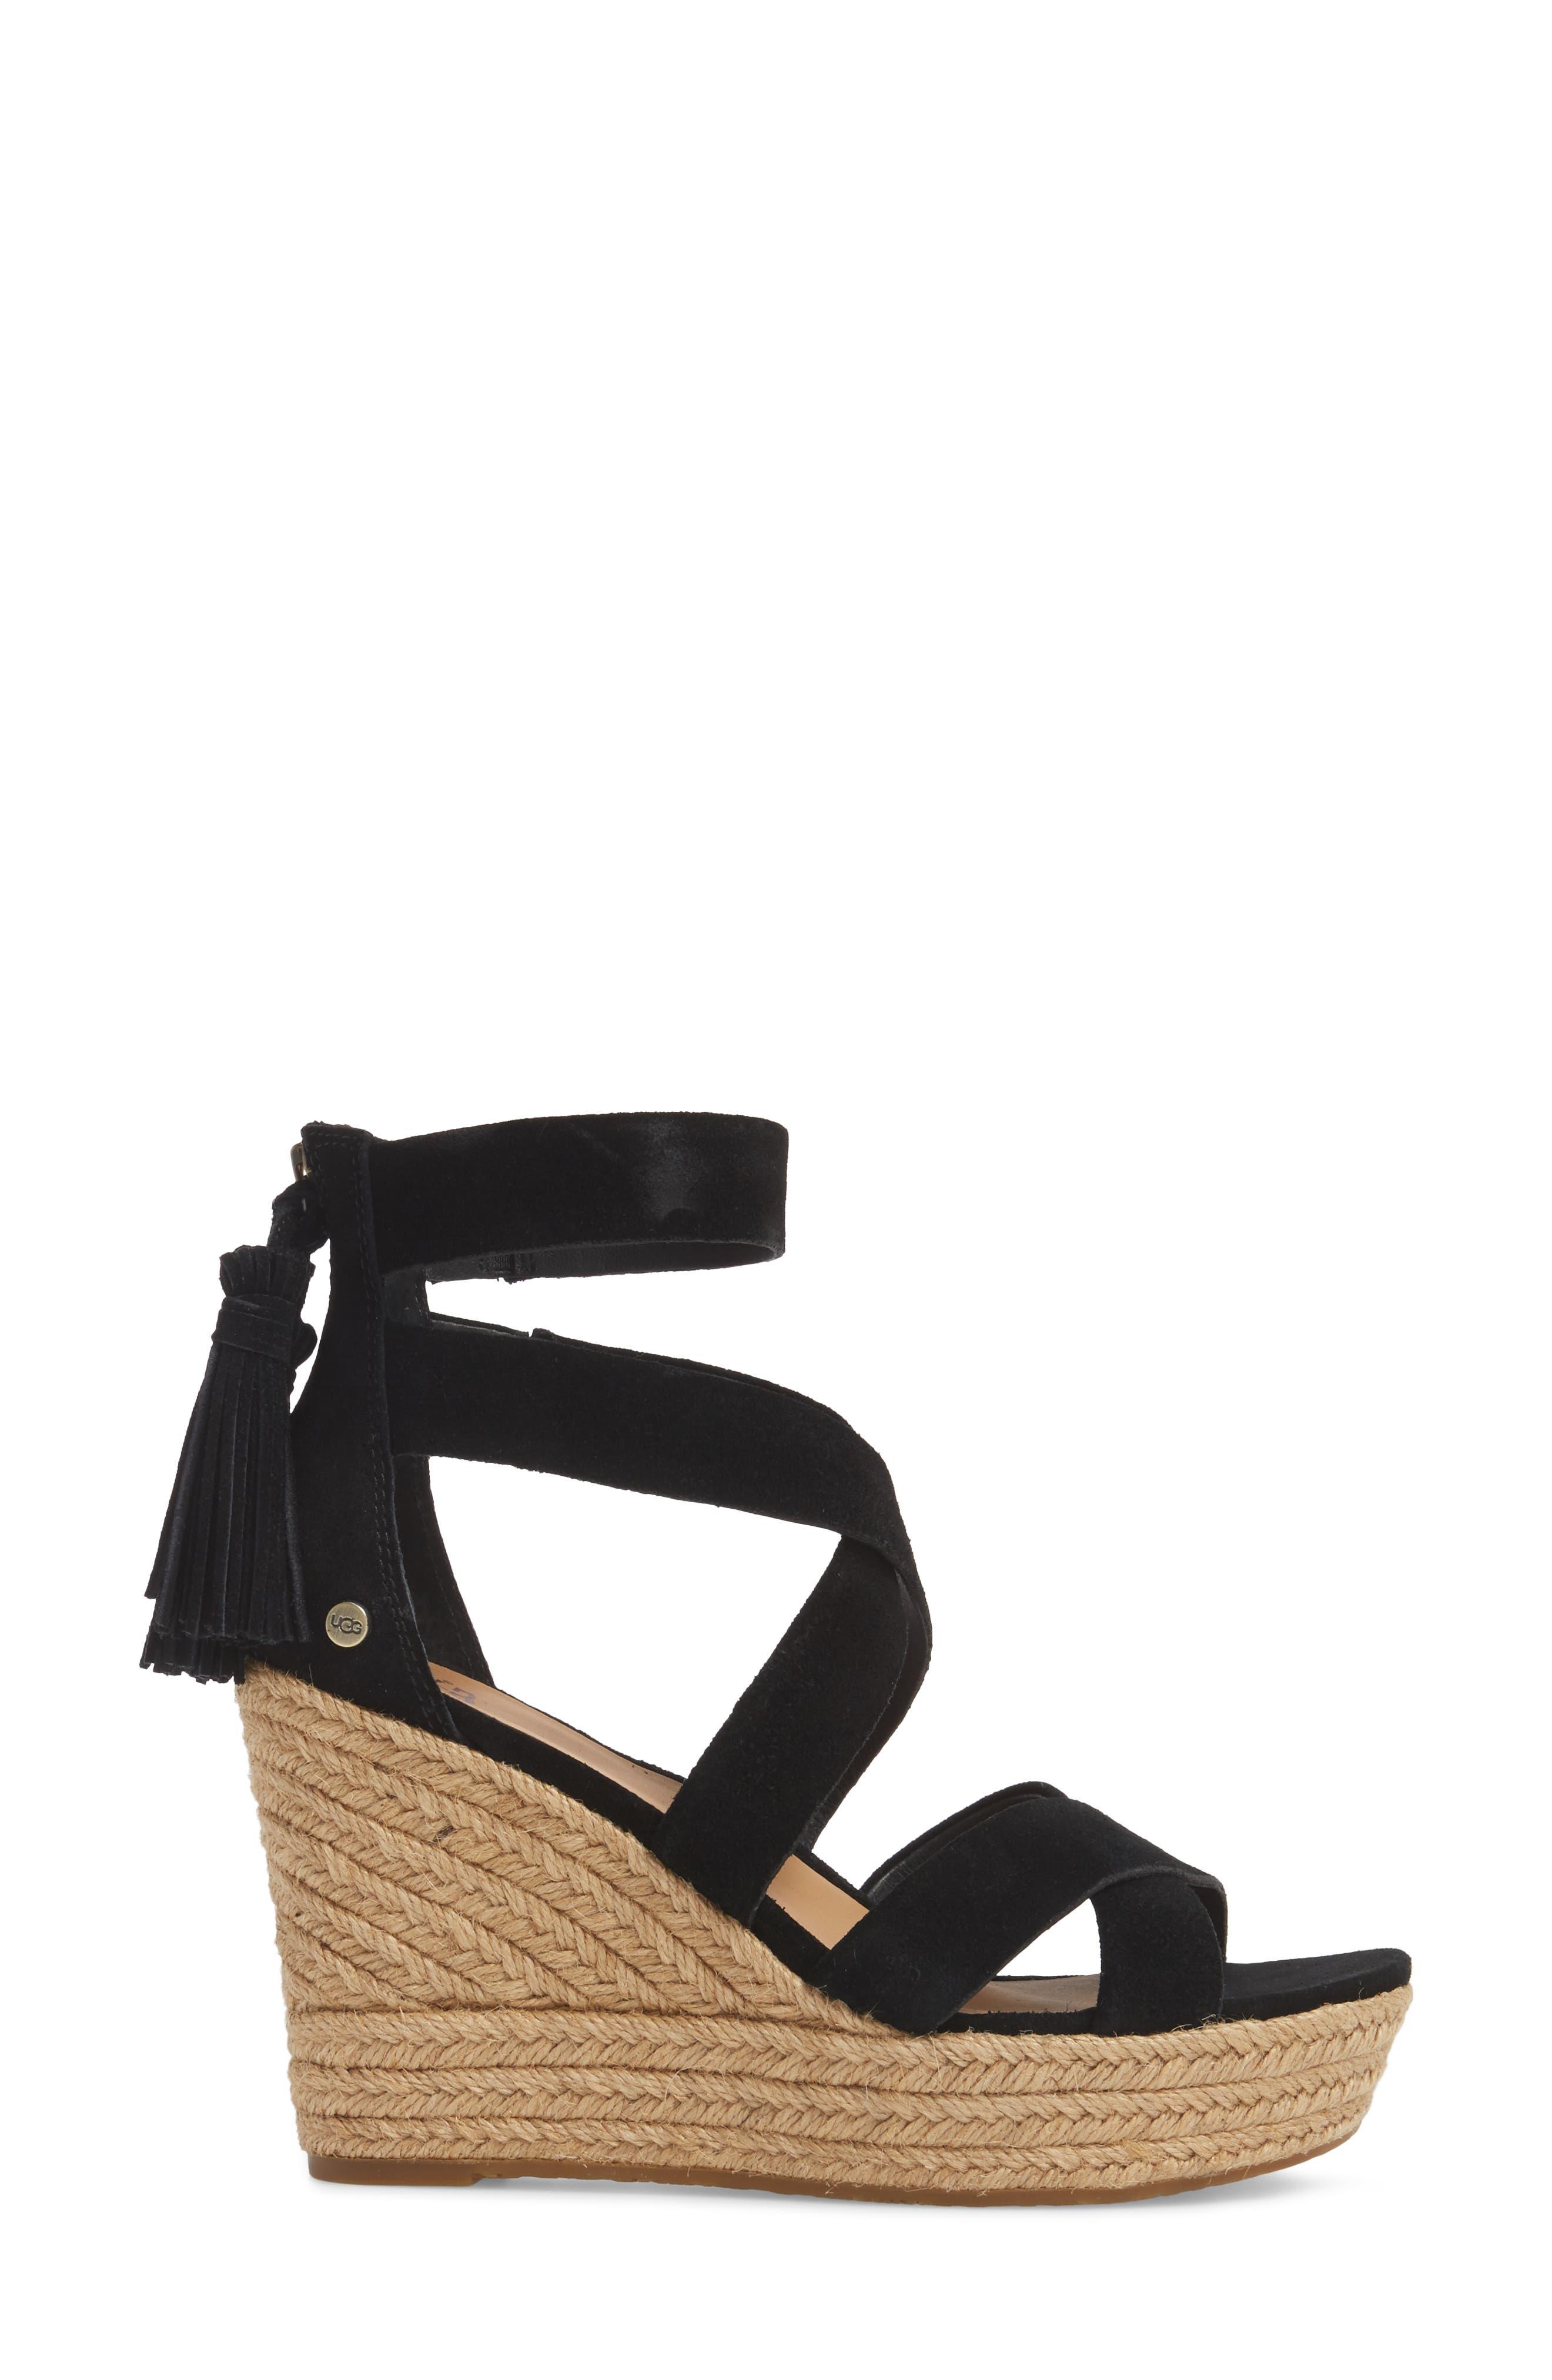 Raquel Platform Wedge Sandal,                             Alternate thumbnail 3, color,                             001